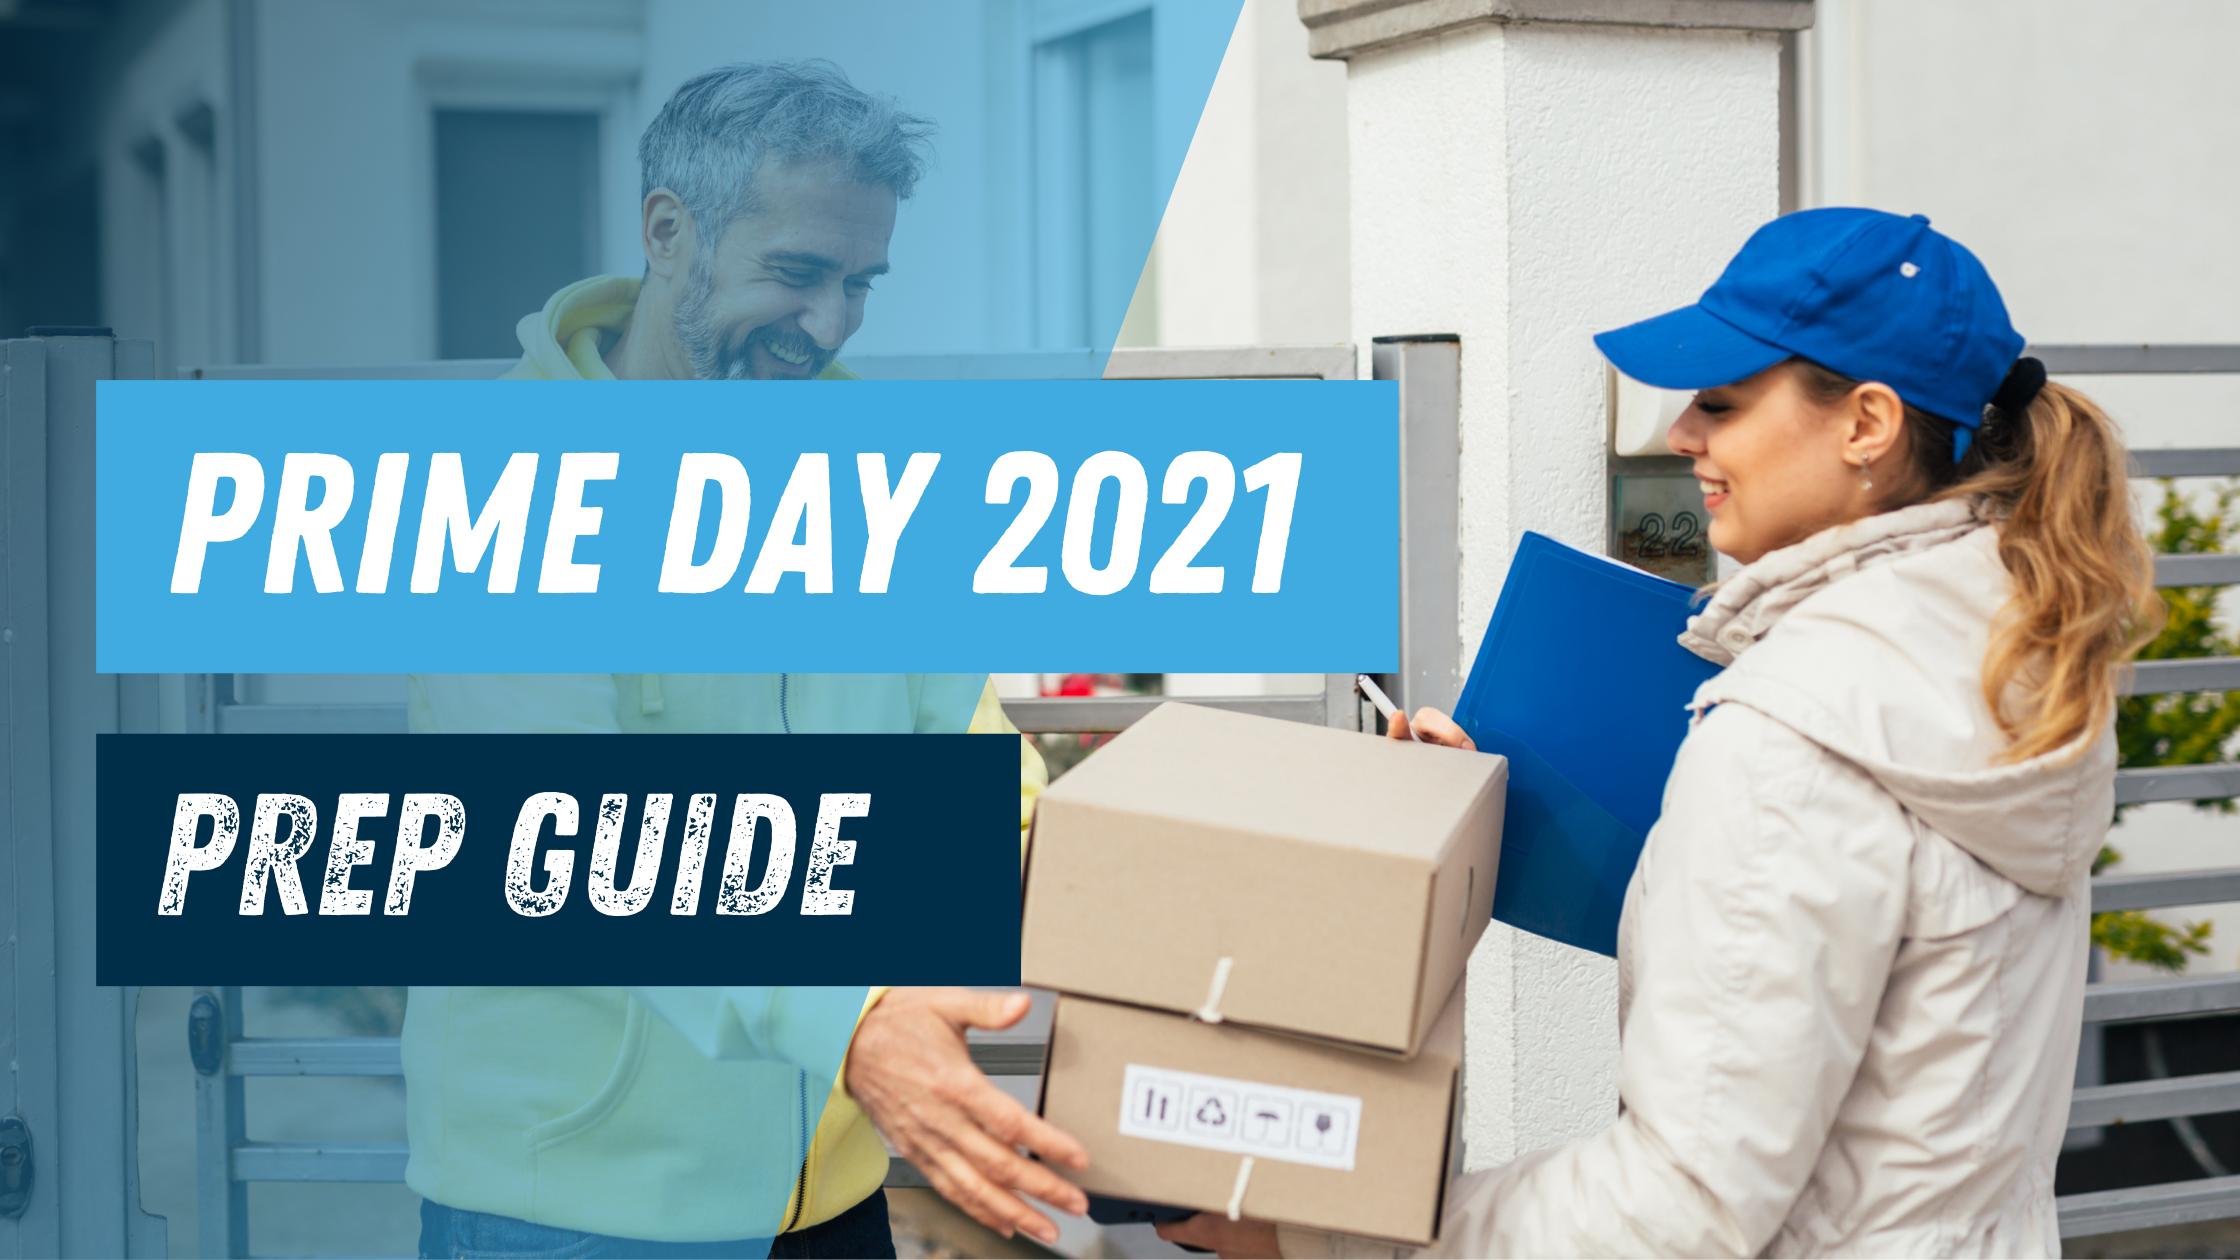 Prime Day 2021 Prep Guide